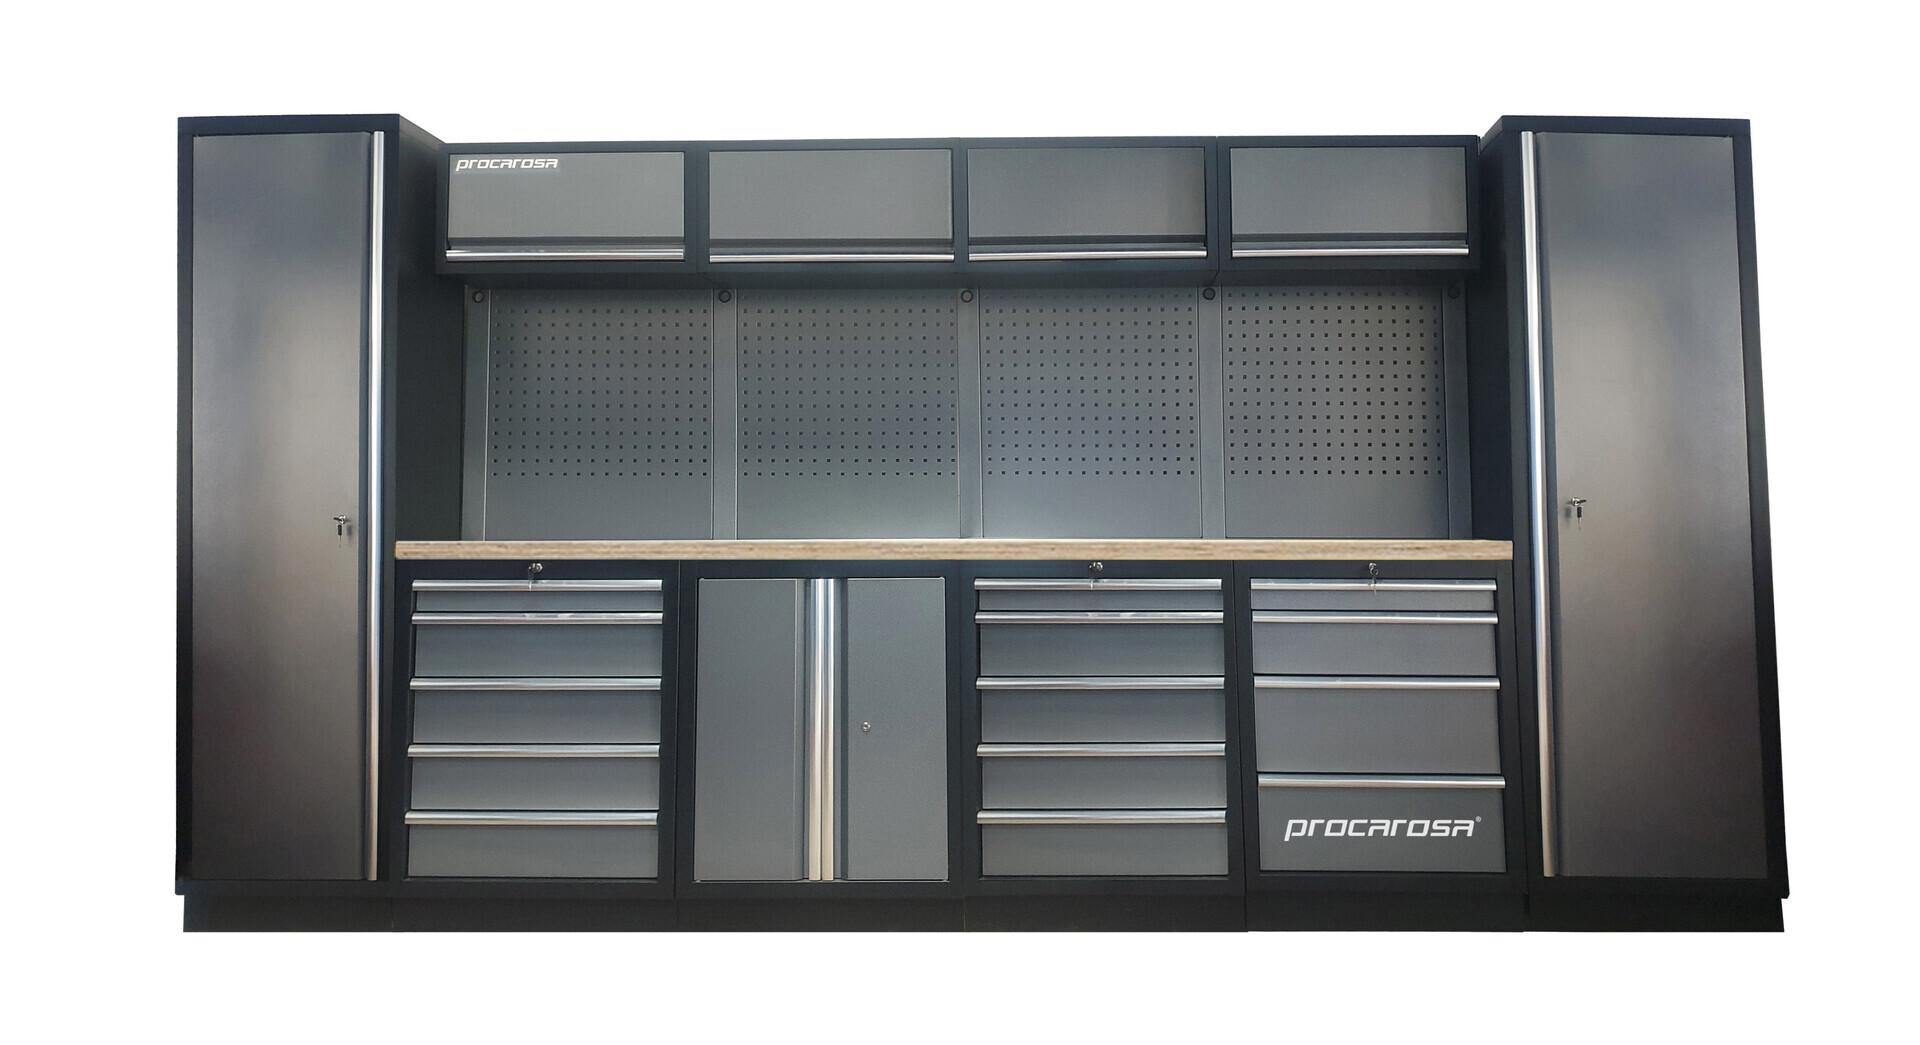 Sestava dílenského nábytku Procarosa PROFESSIONAL L-6 Pracovní deska: dřevěná, Hmotnost: 3